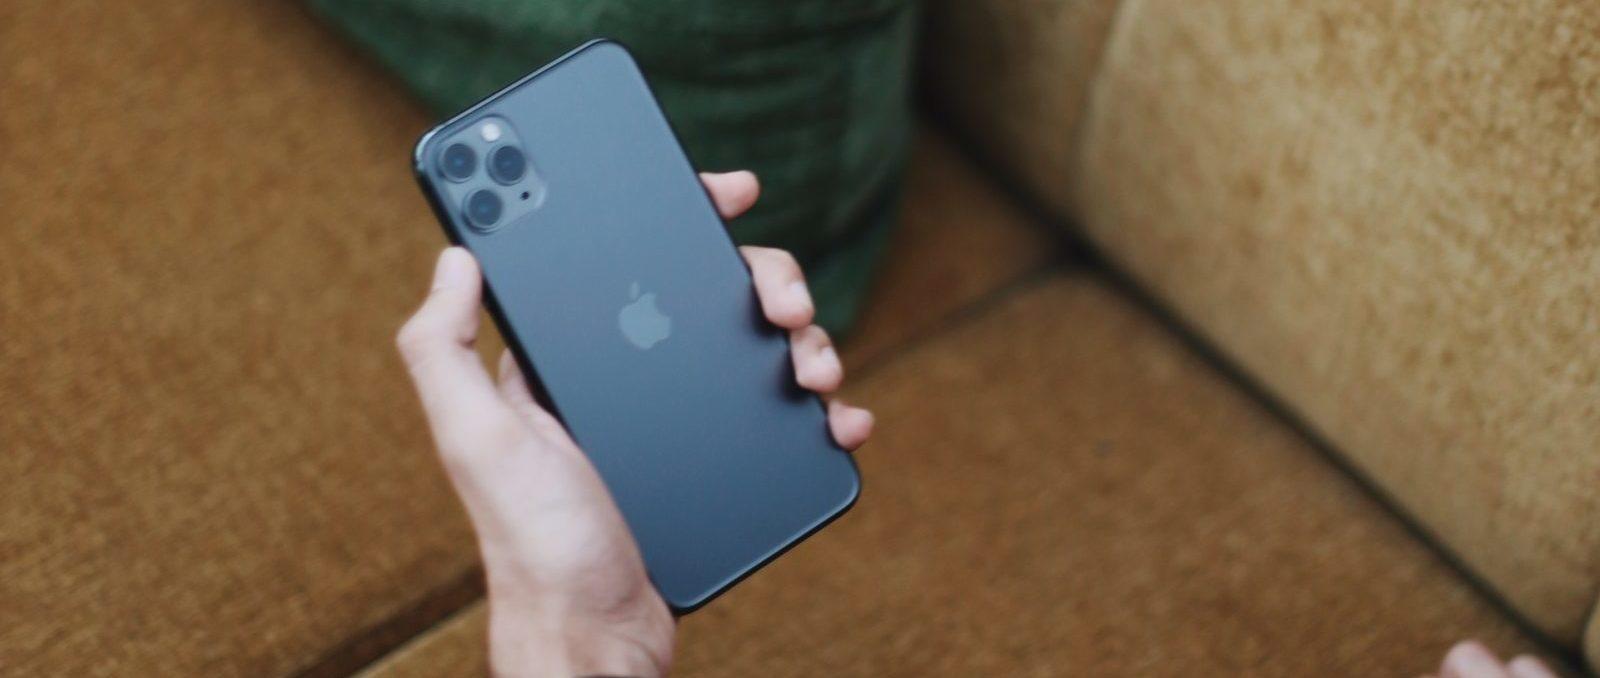 iphone11proのおすすめアクセサリー5選